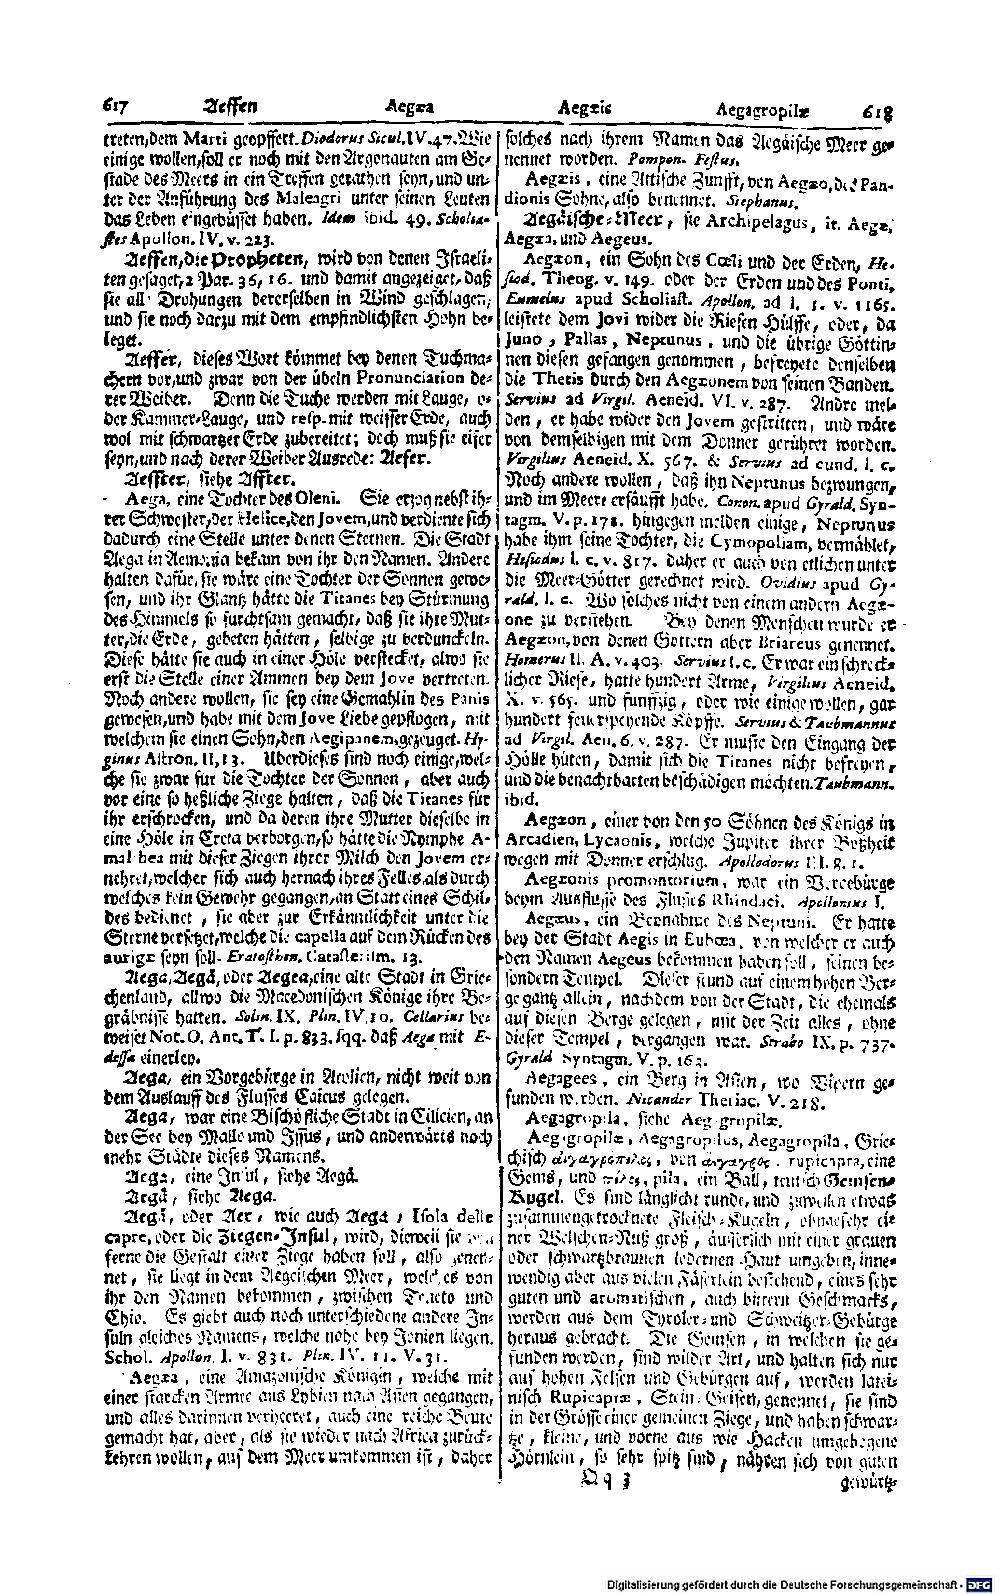 Bd. 01, Seite 0348.